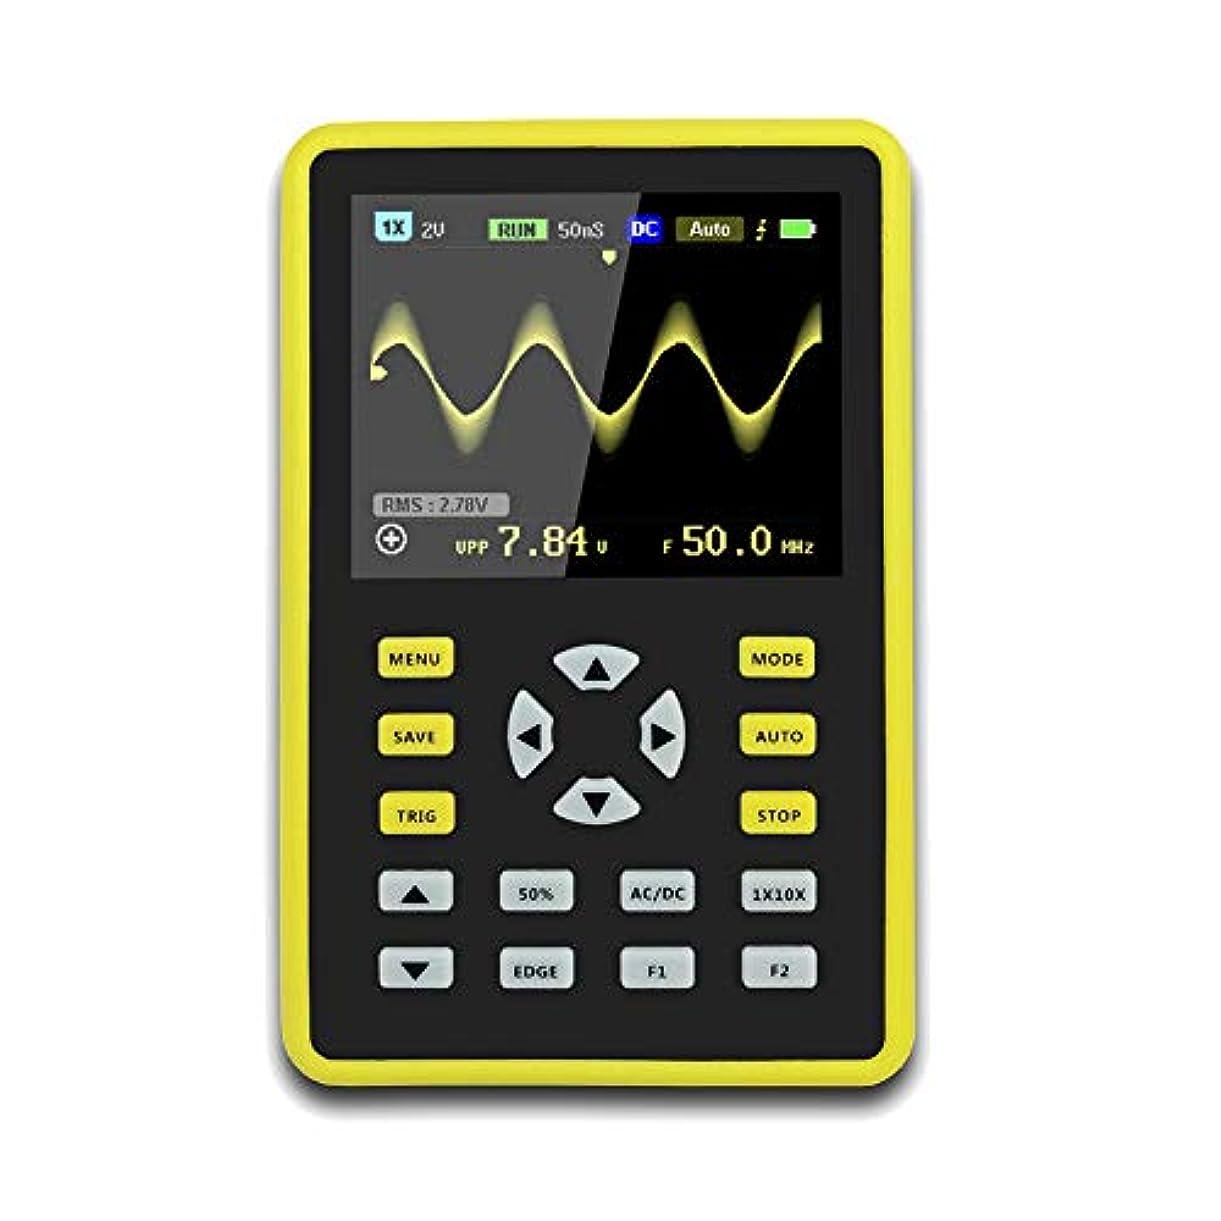 品揃えベーシック反論JanusSaja  手持ち型デジタル小型オシロスコープ2.4インチ500 MS/s IPS LCD表示スクリーンの携帯用